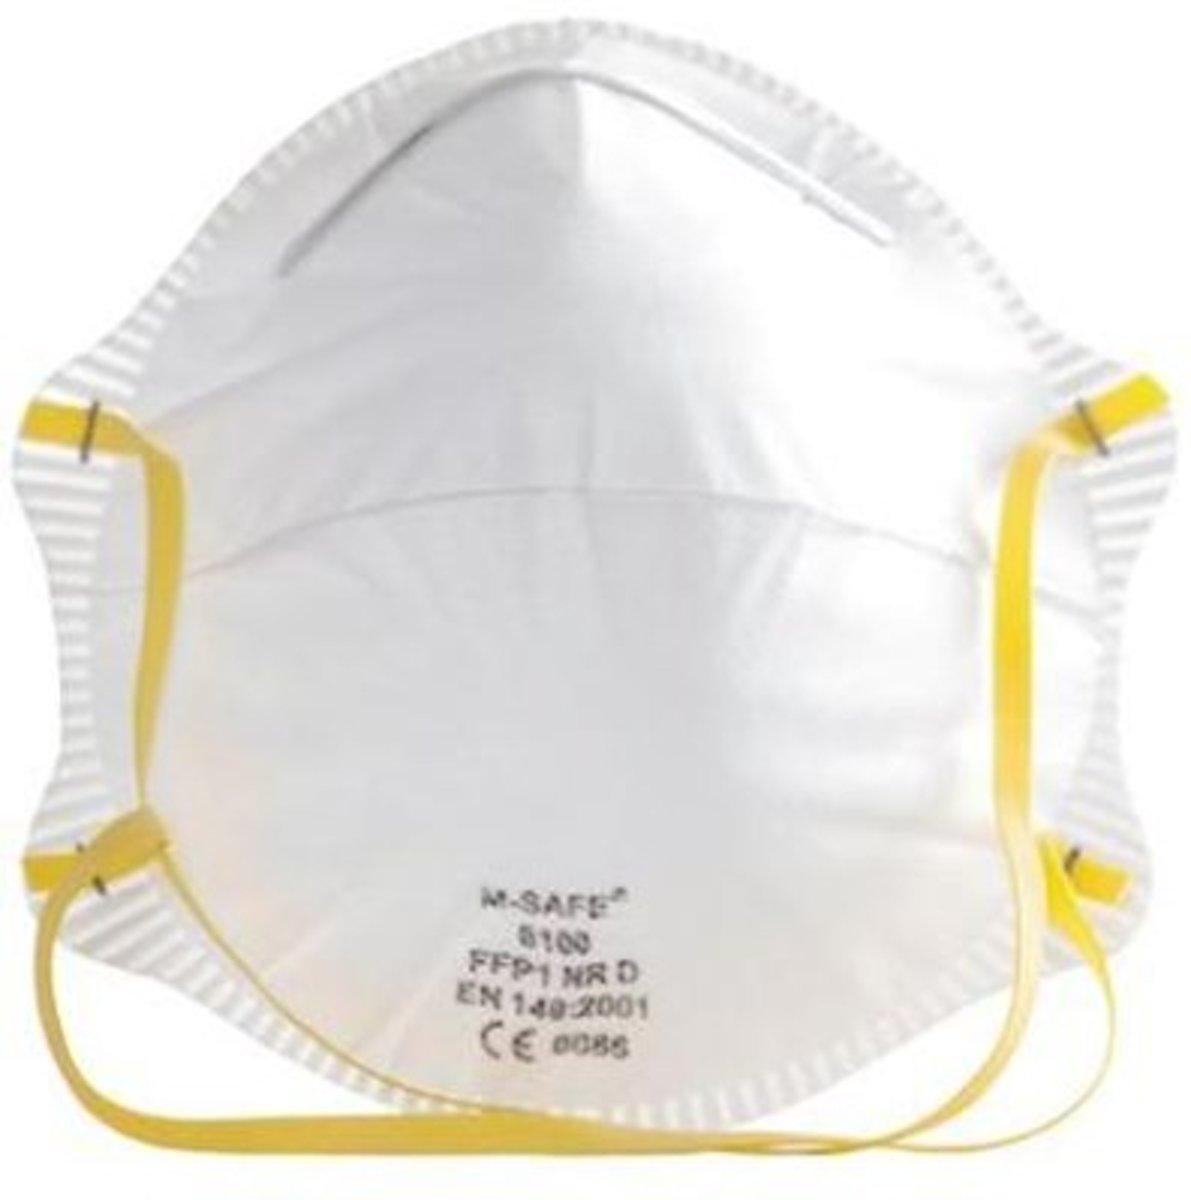 M-Safe fijnstofmasker FFP1 type 6100 kopen